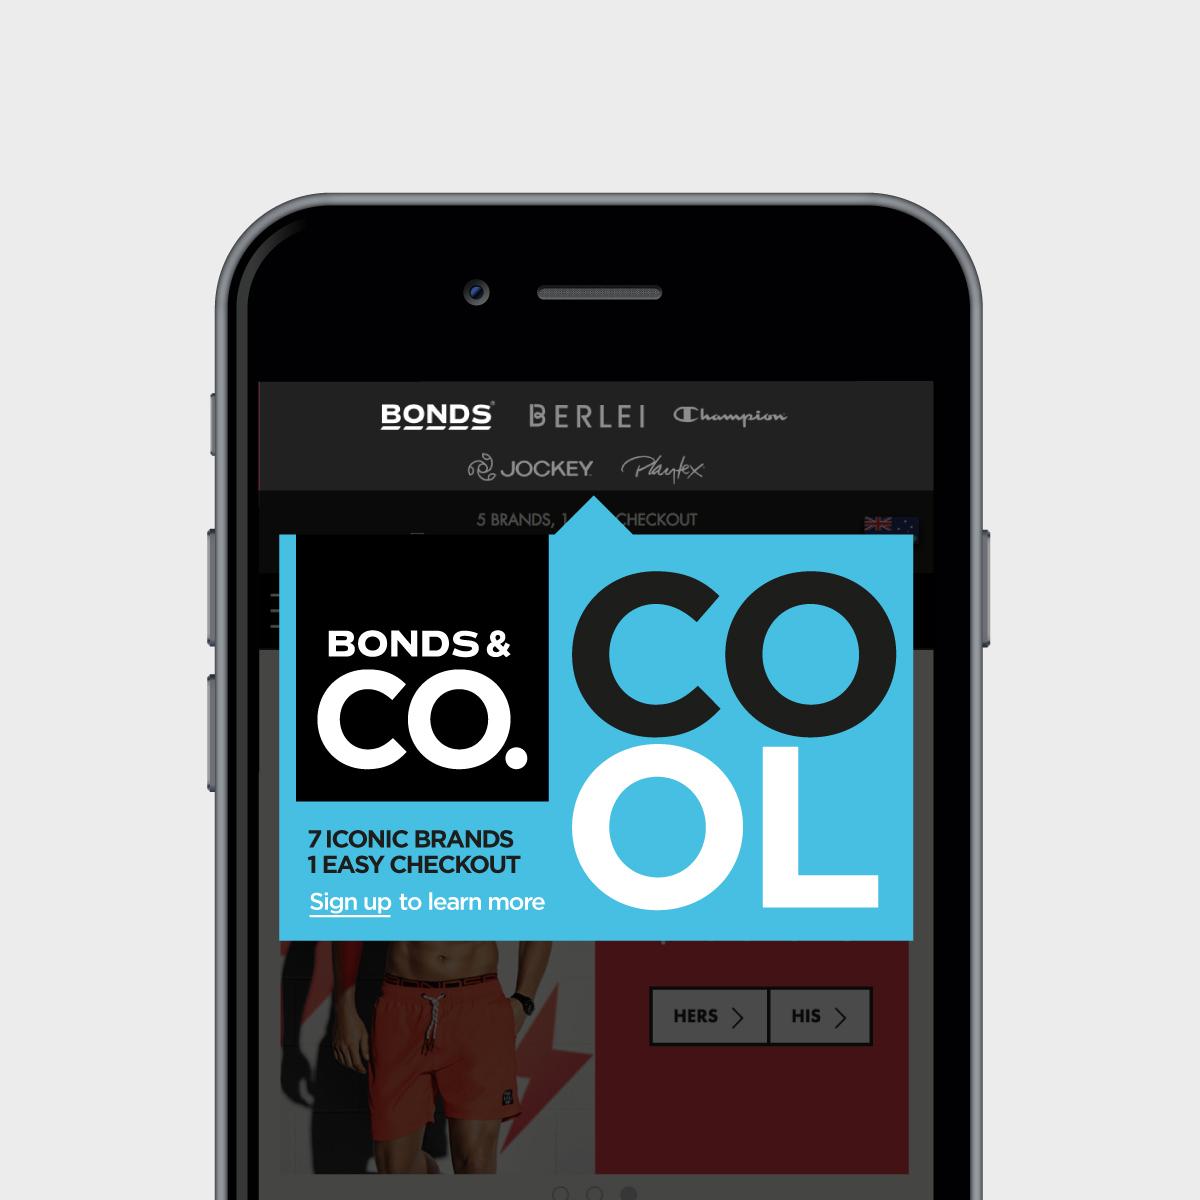 Bonds & Co. Mobile Website Pop-up